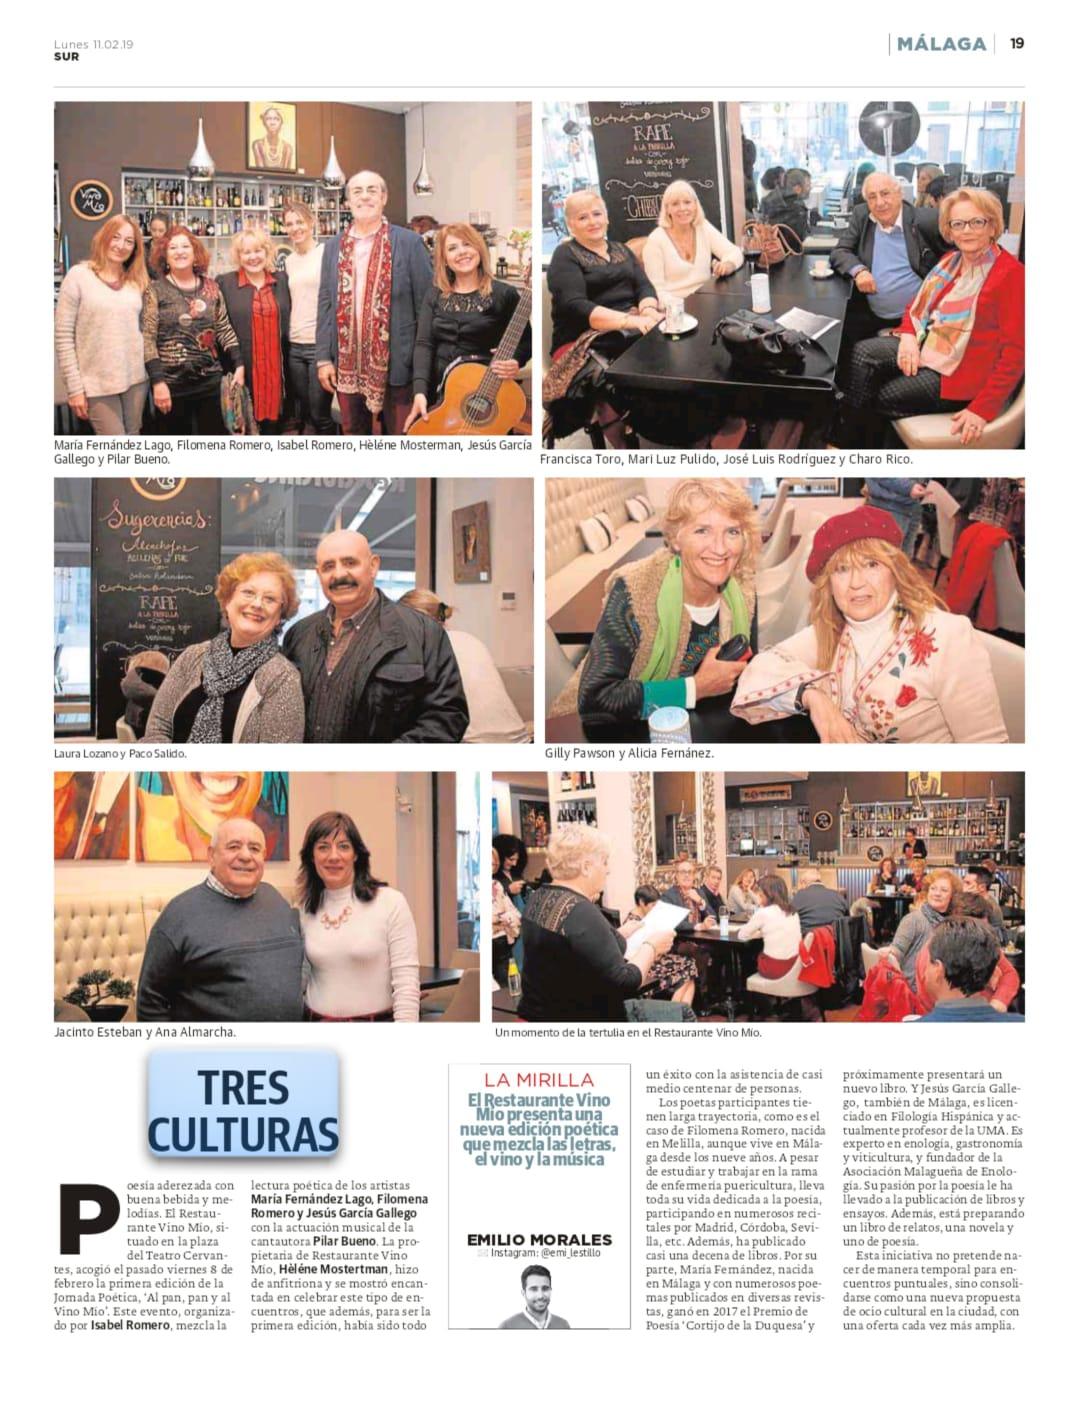 Articulo en el Diario Sur del 11/02/19 : Al Pan,Pan y al Vino Mio